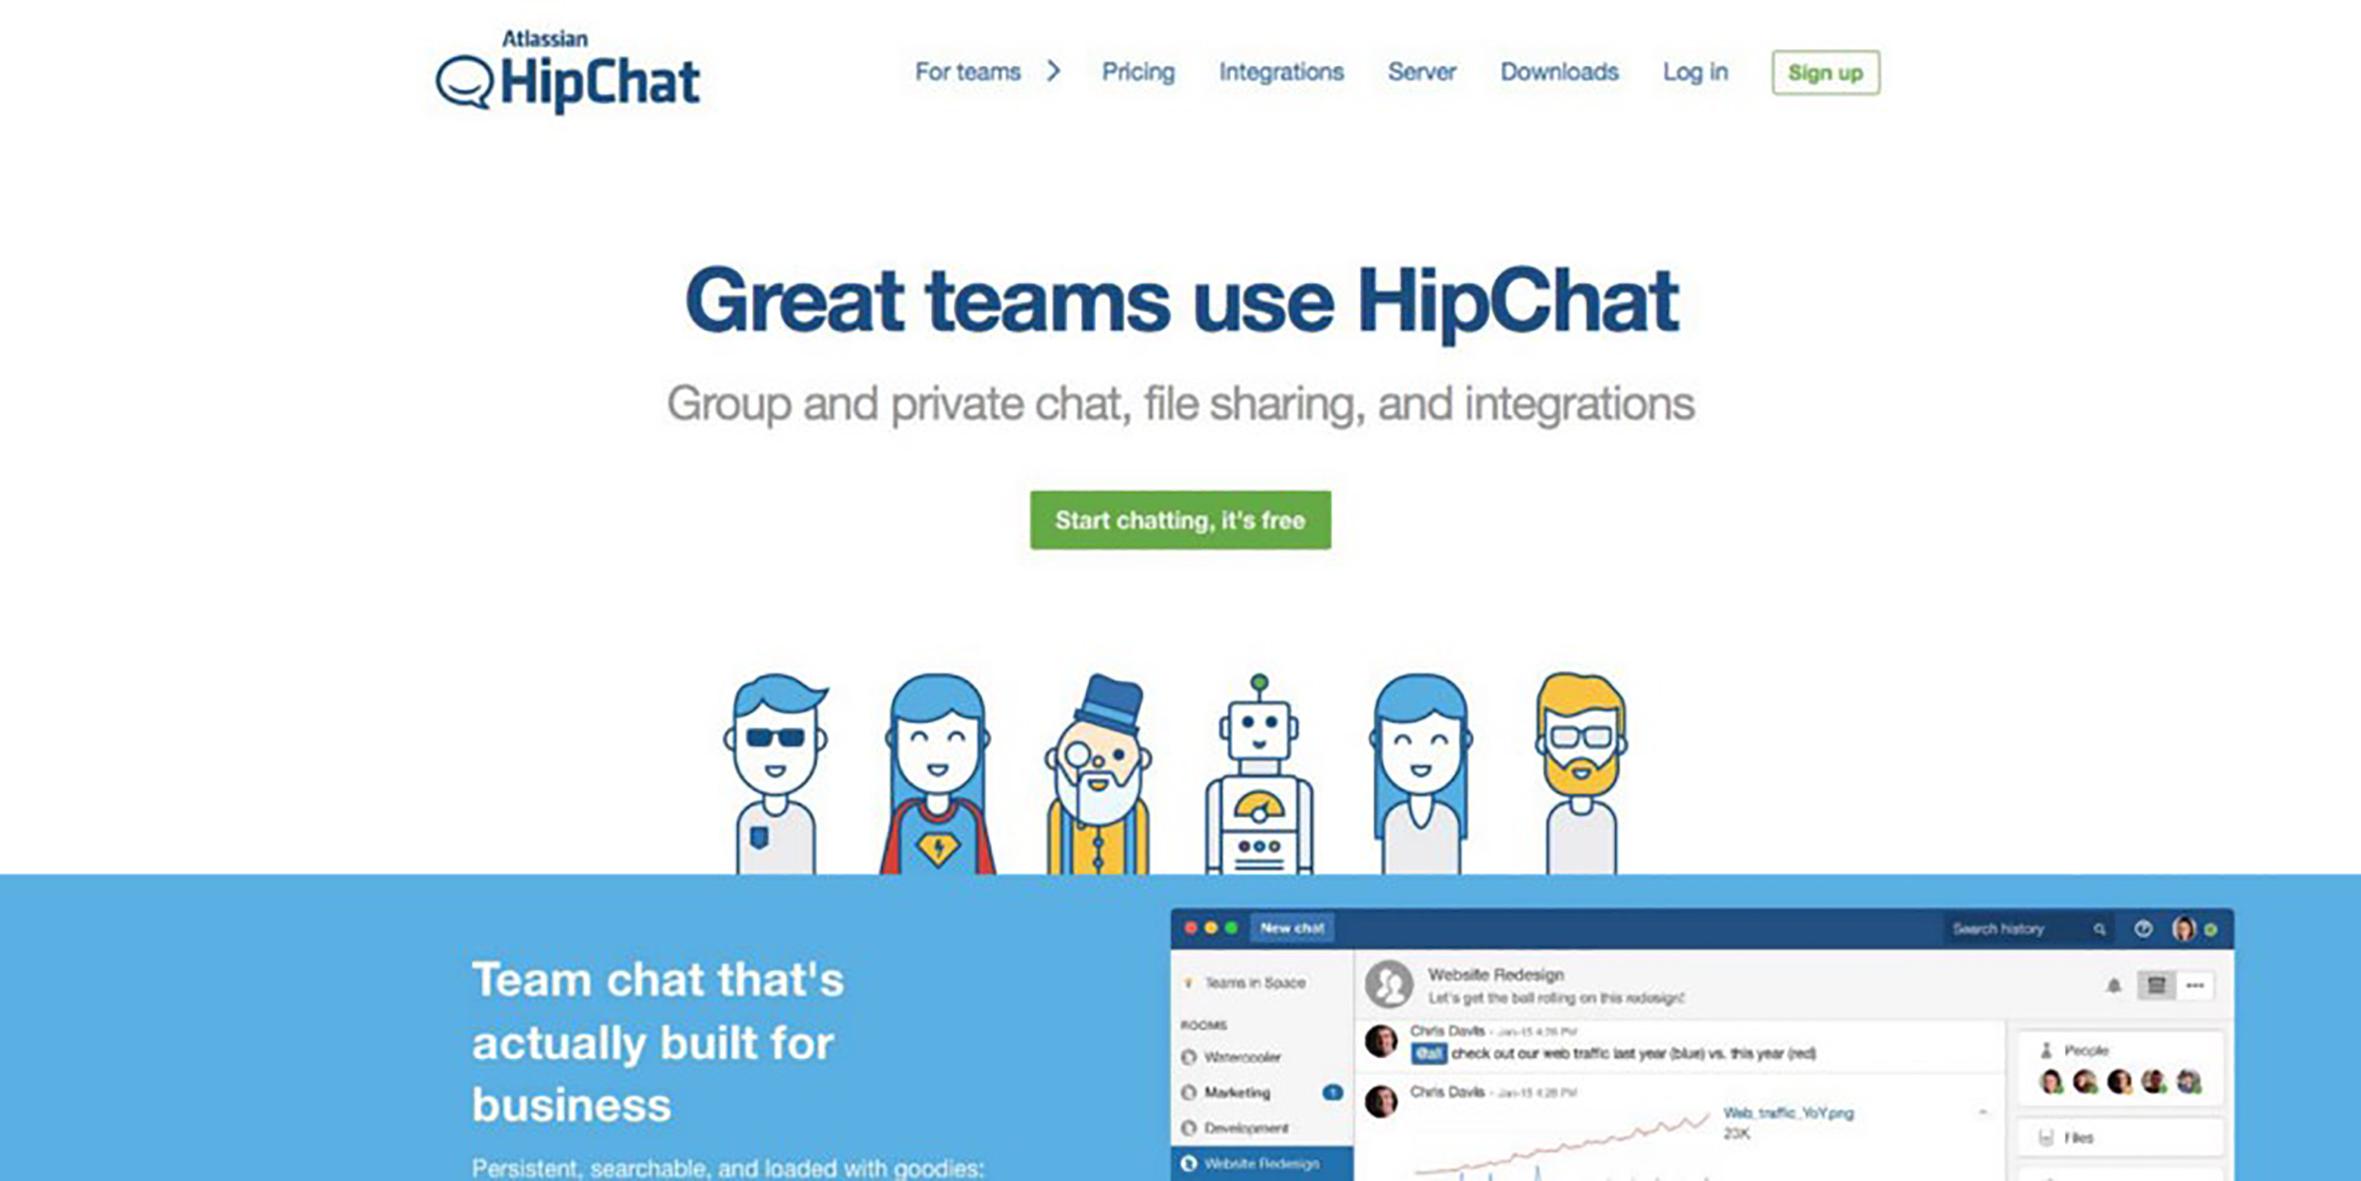 hipchat landing page